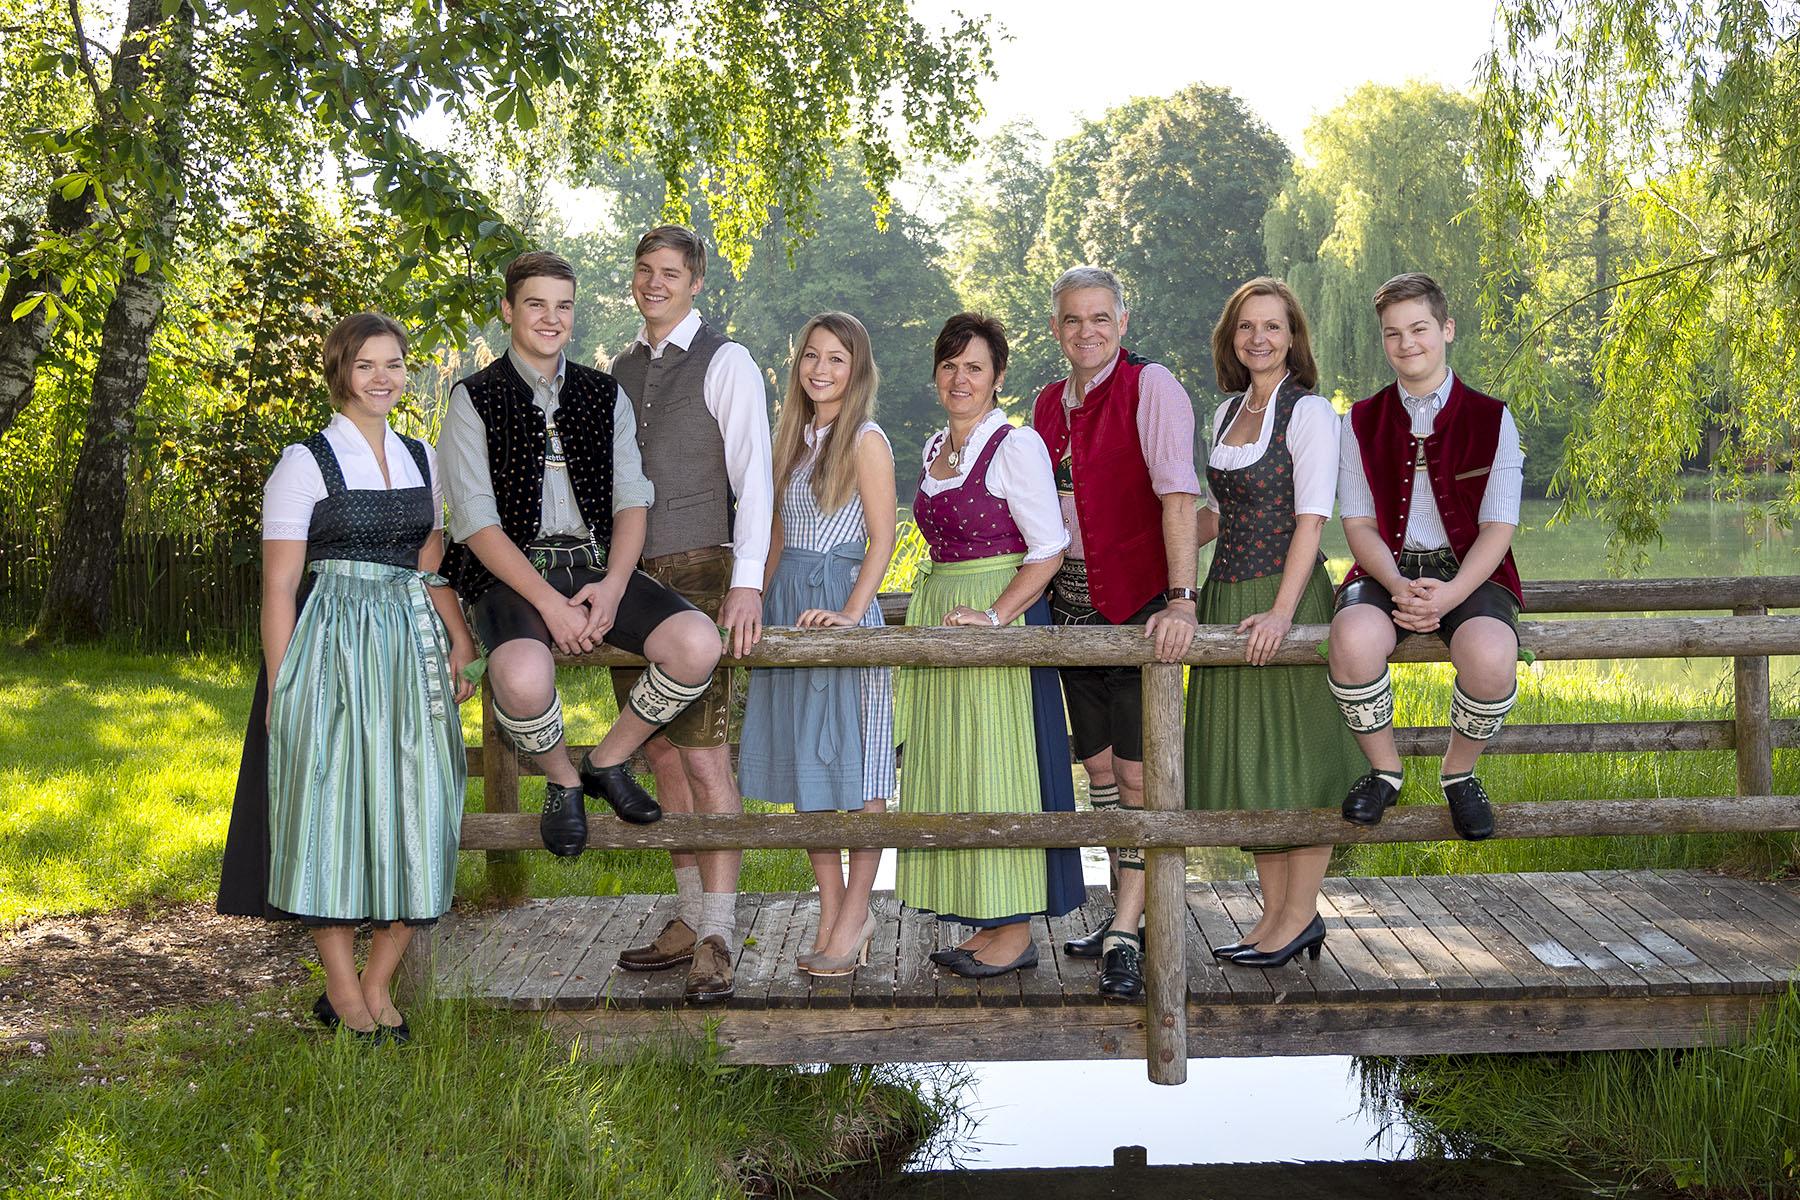 Familienfoto-Outdoor-Traunstein-Chiemgau-003